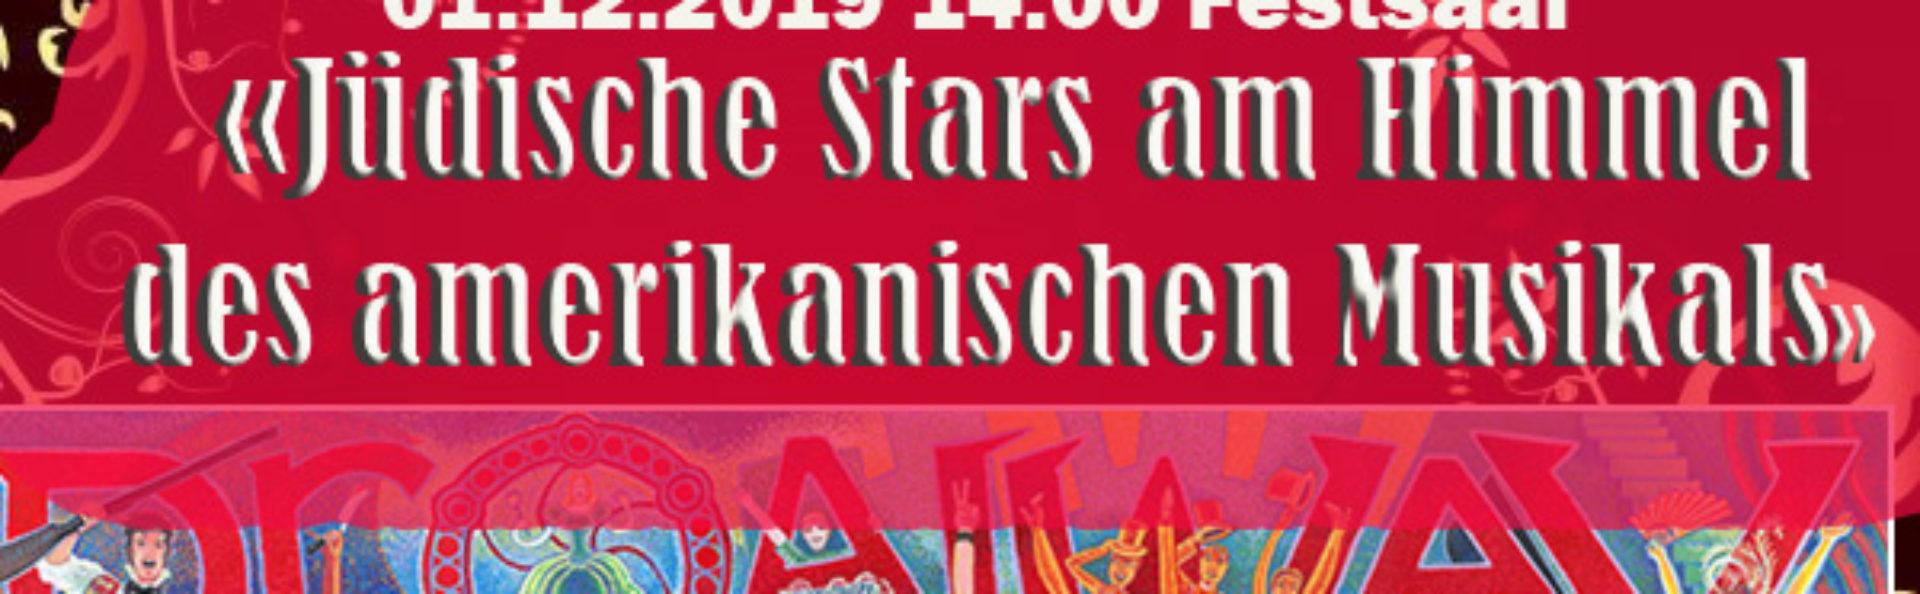 «Jüdische Stars am Himmel des amerikanischen Musikals»